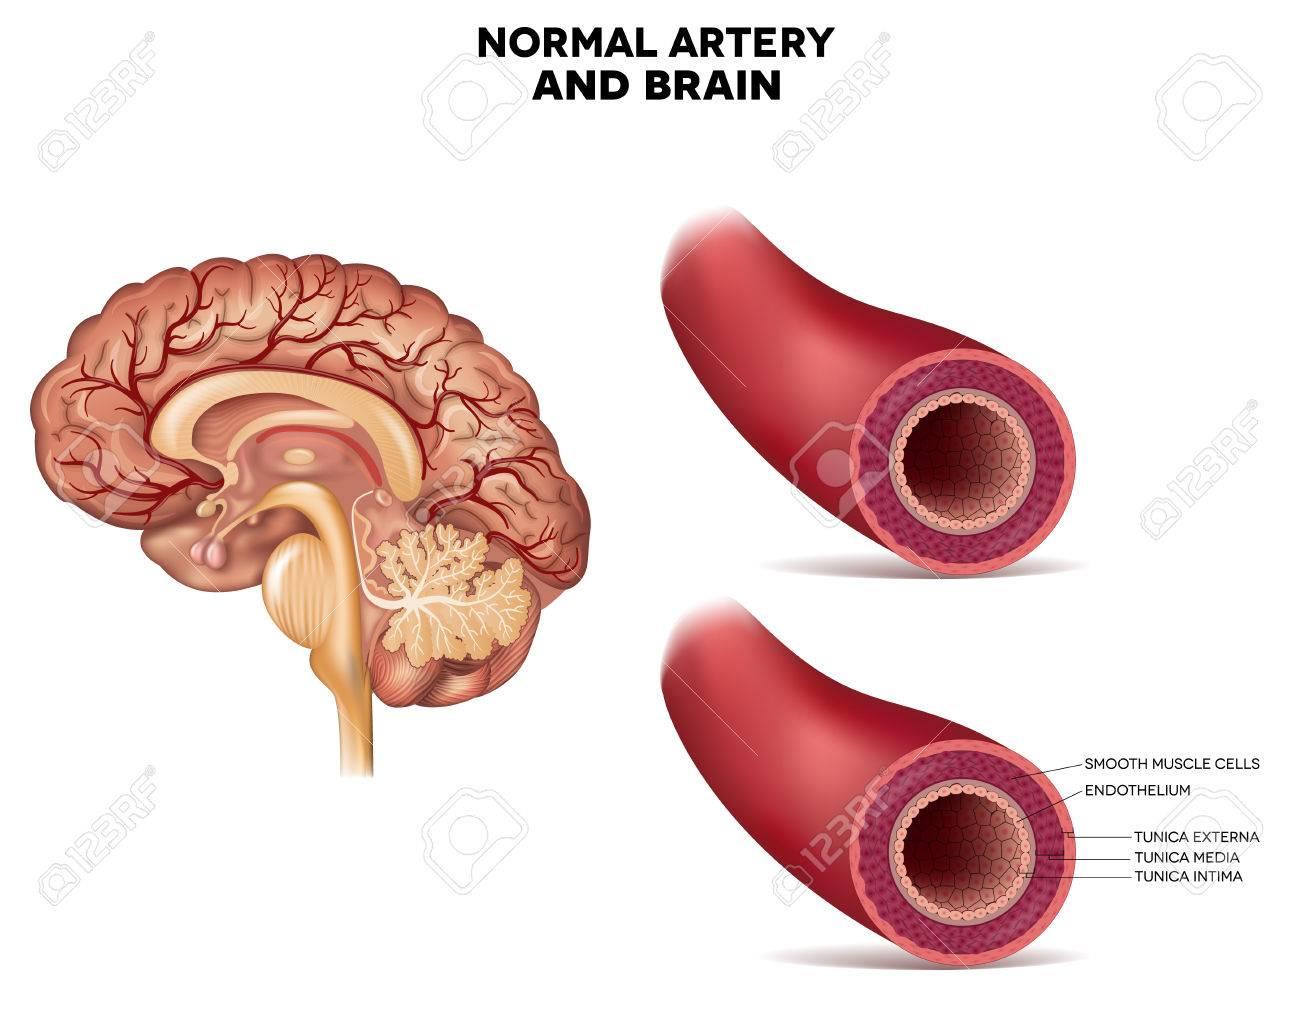 Estructura De La Arteria Normal Y El Cerebro Se Detalla La Anatomía ...